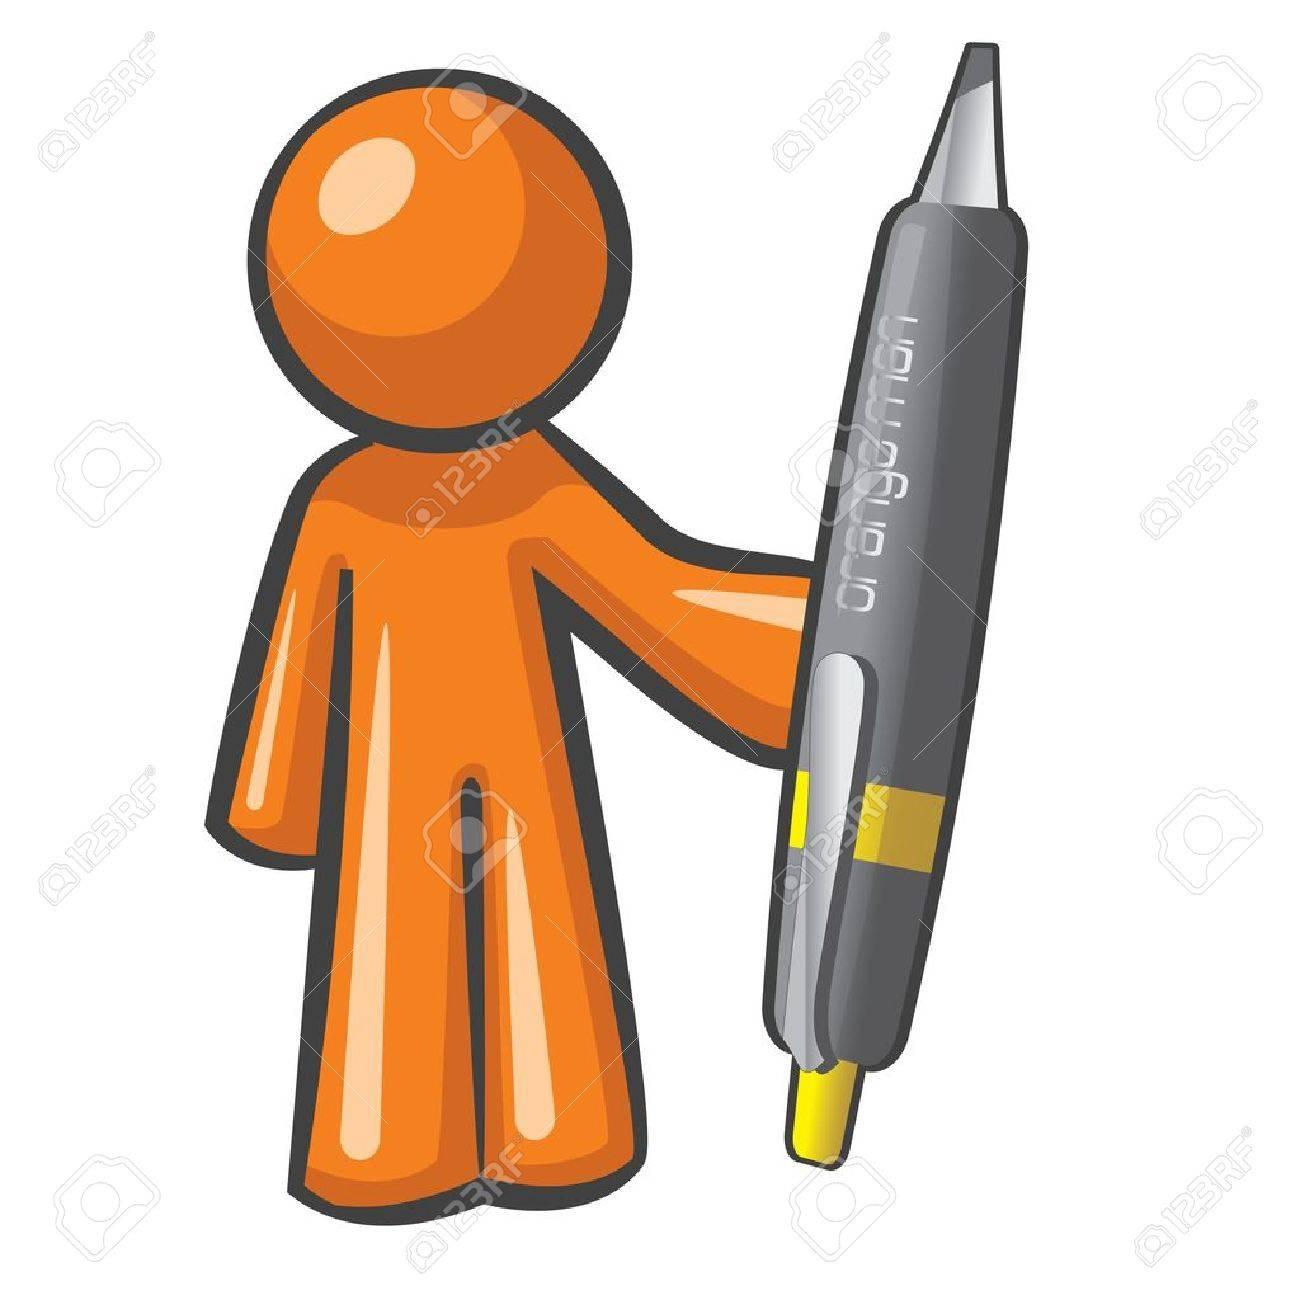 オレンジ男は巨大、オーバー サイズのペンを保持しています。ペン強し